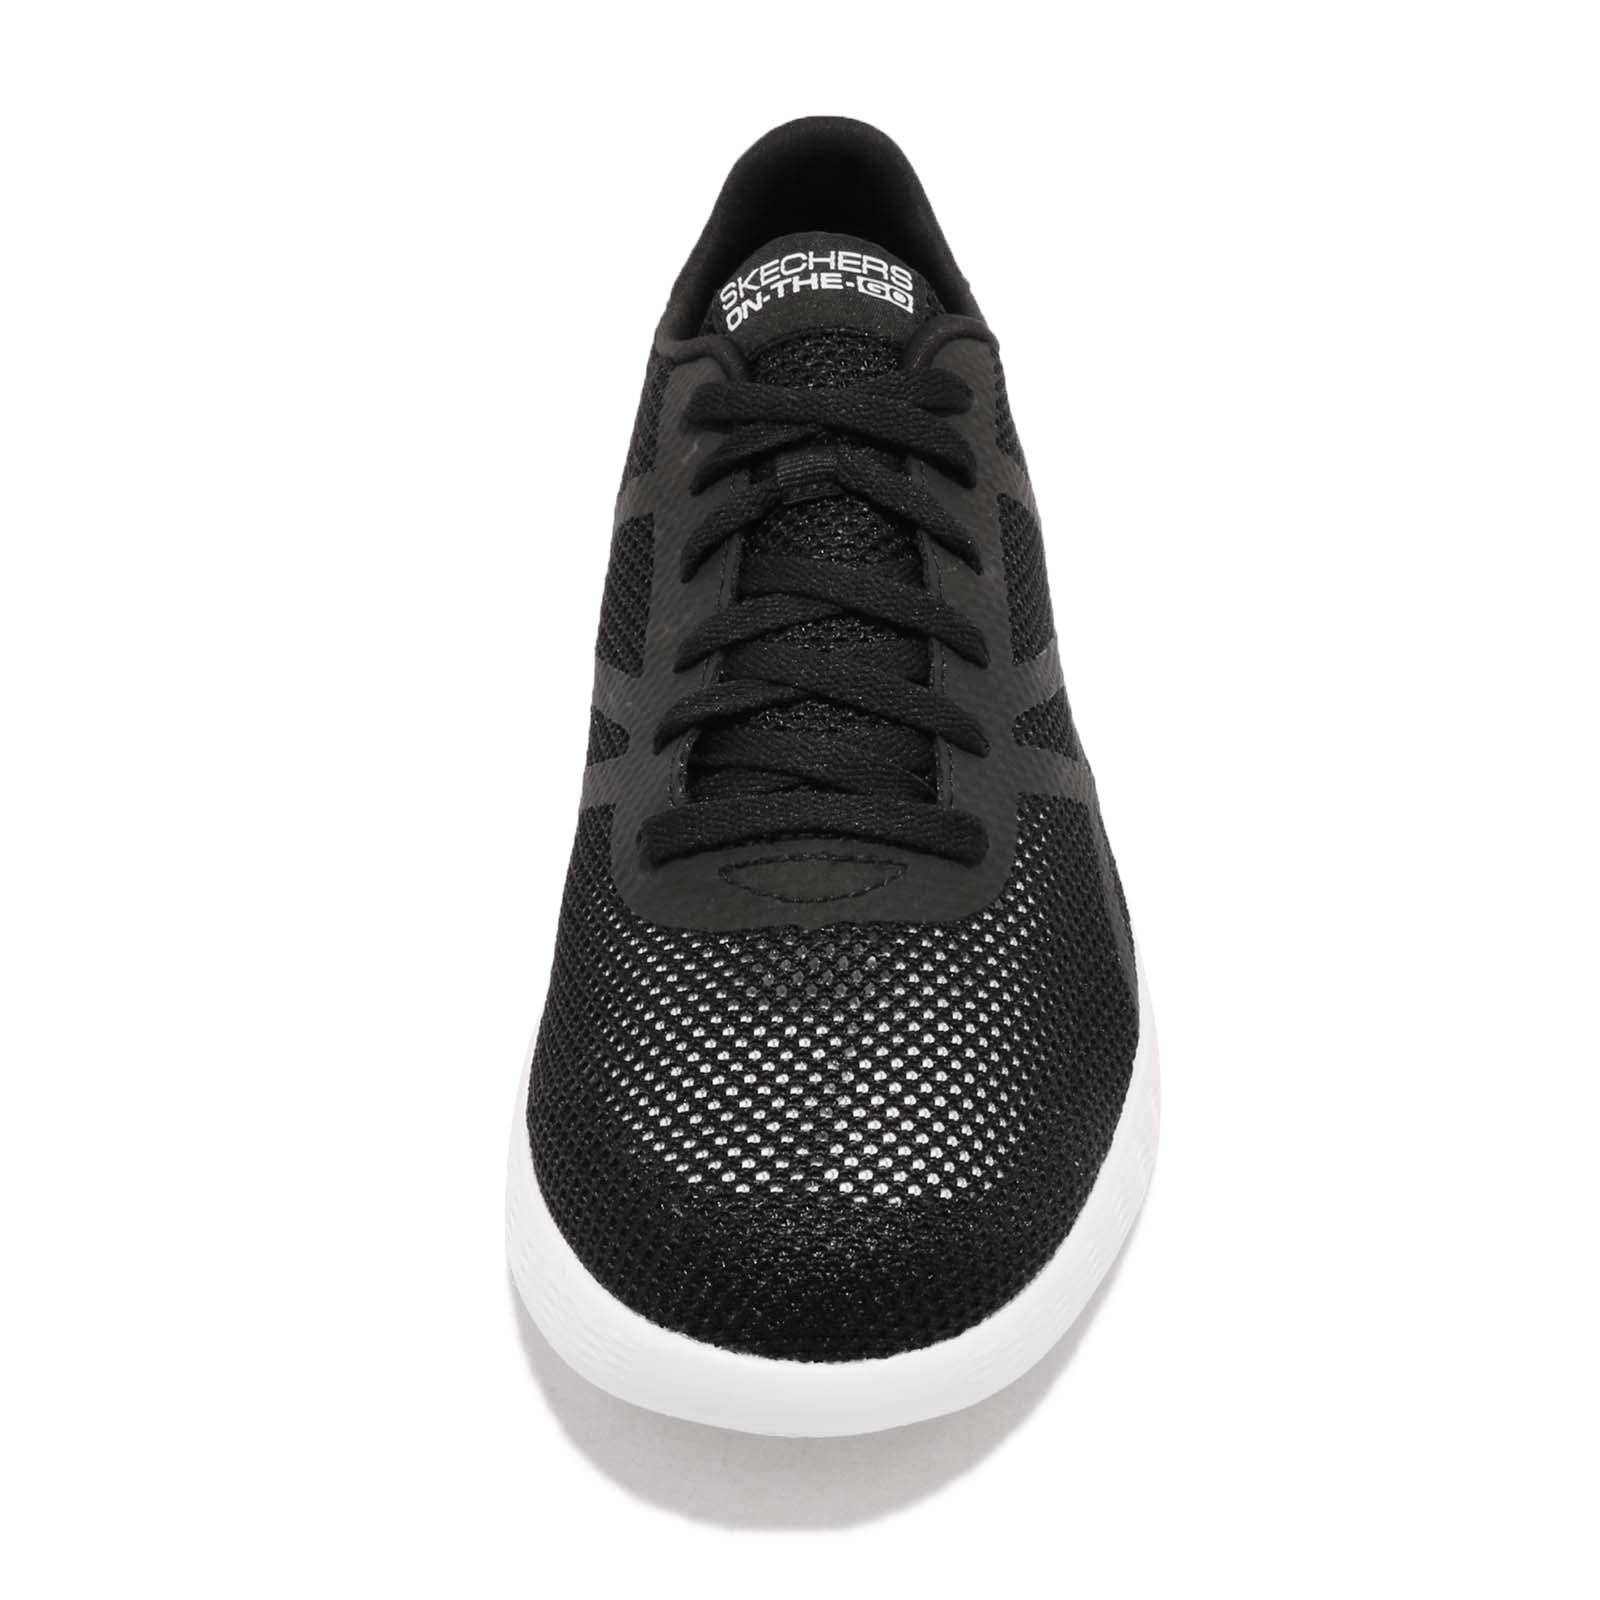 Skechers 慢跑鞋 On The Go 男鞋 53817BLK 2020年最推薦的品牌都在friDay購物